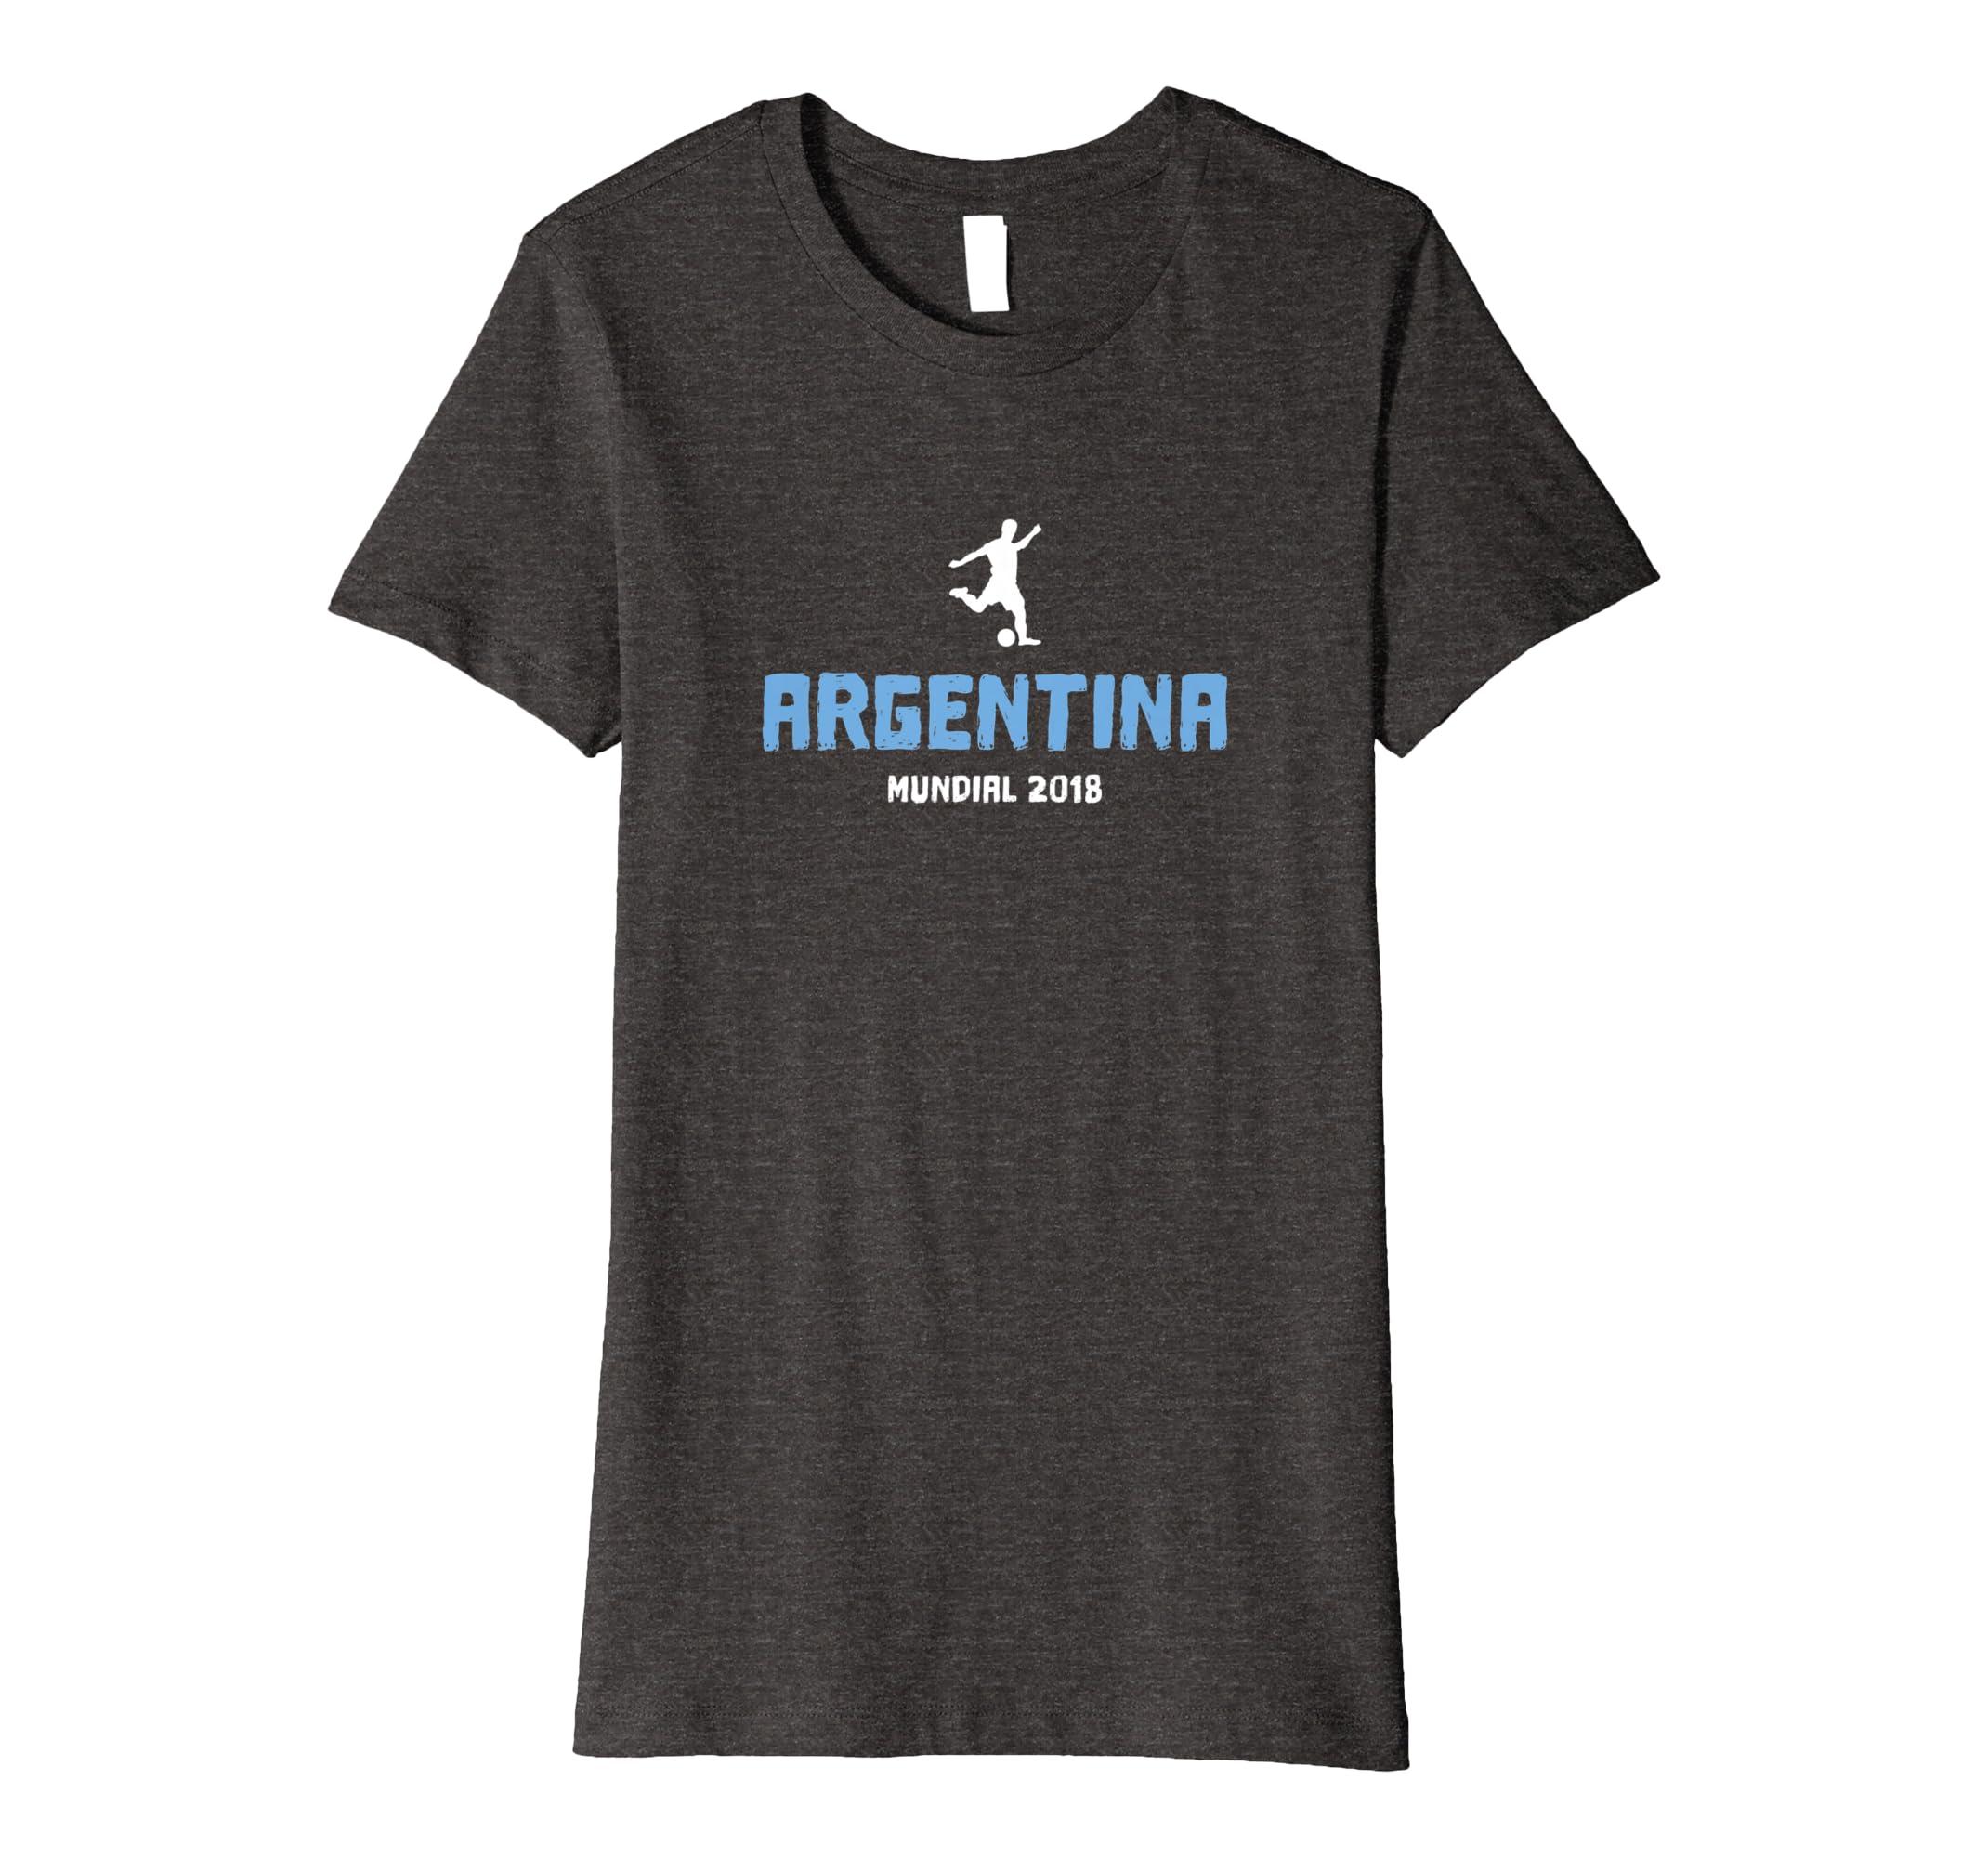 a91466f9ace0a Camisetas de futbol argentino